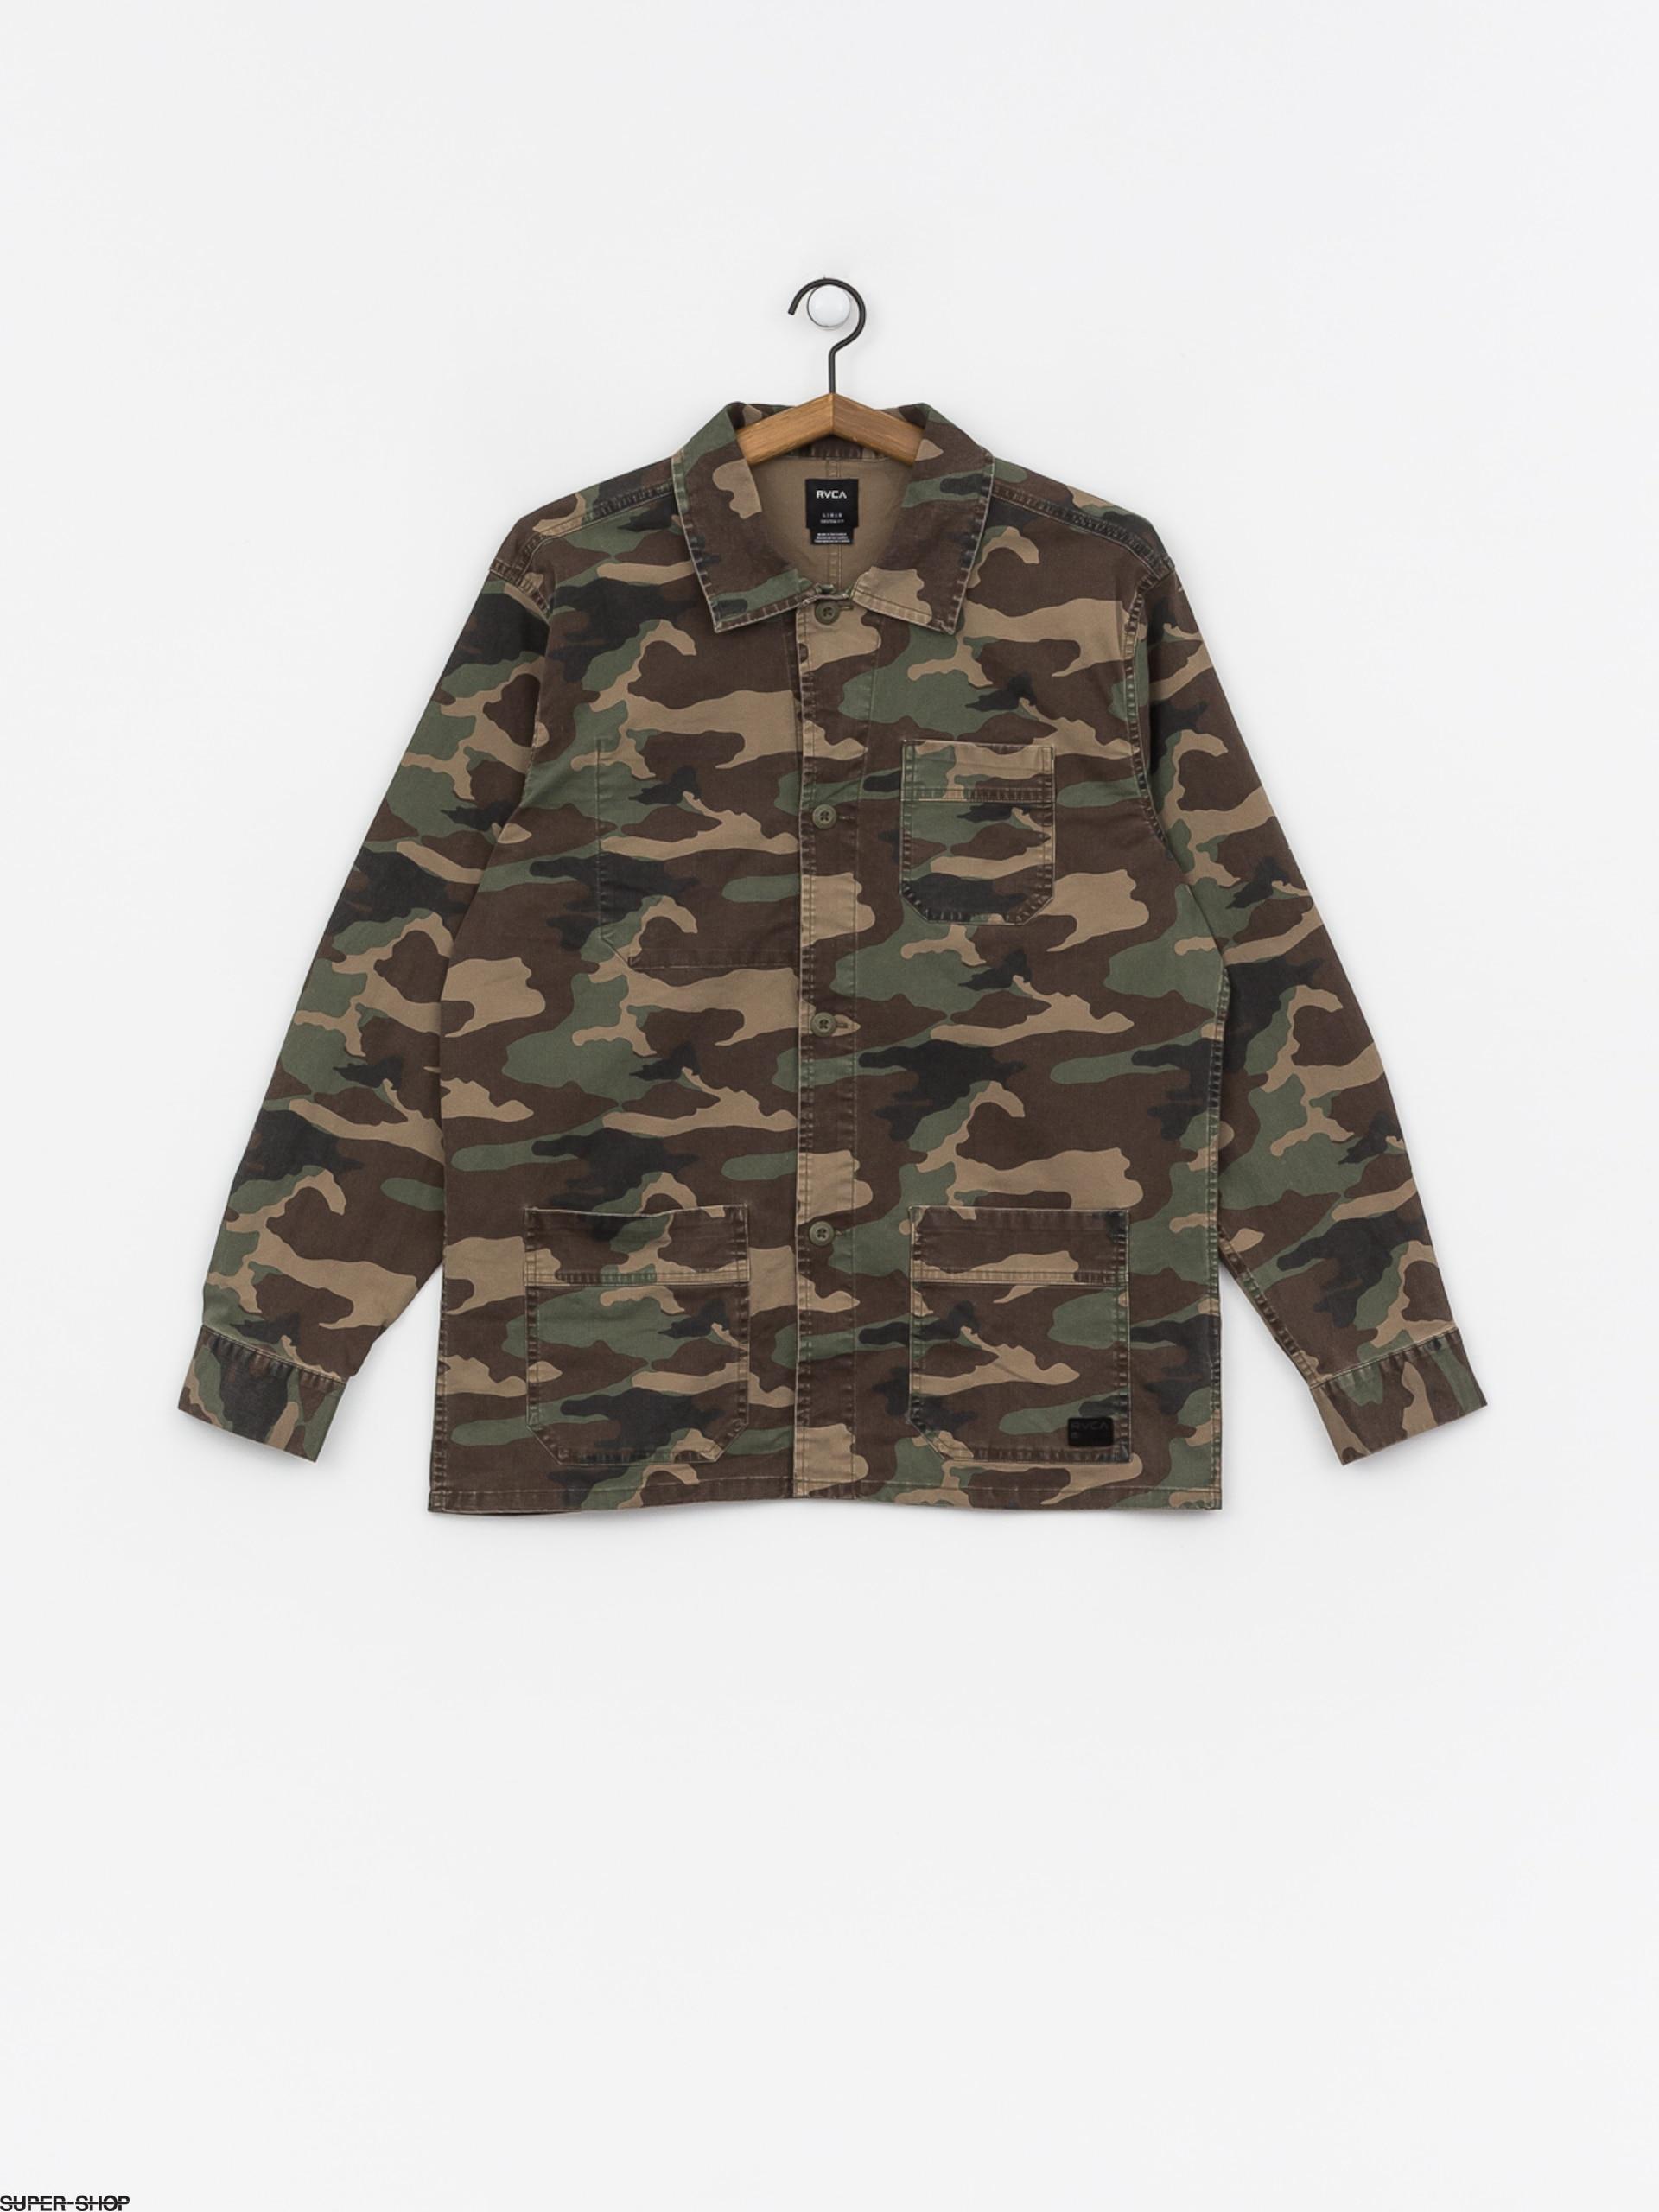 de6cac2b6a7a8 1031598-w1920-rvca-couleur-chore-coat-jacket-camo.jpg